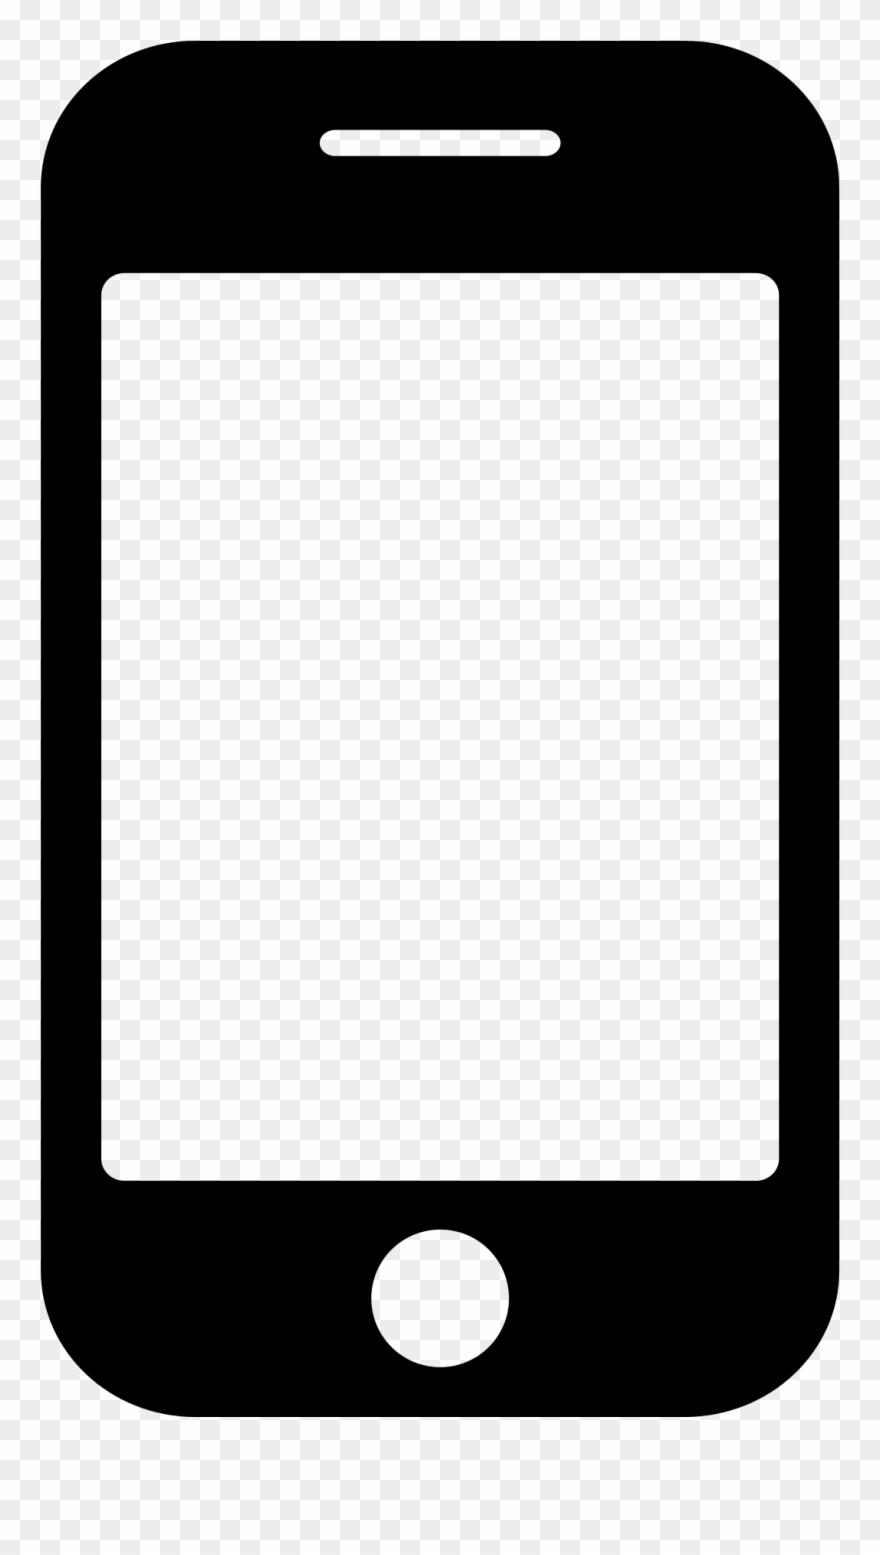 smartphone # 4958178